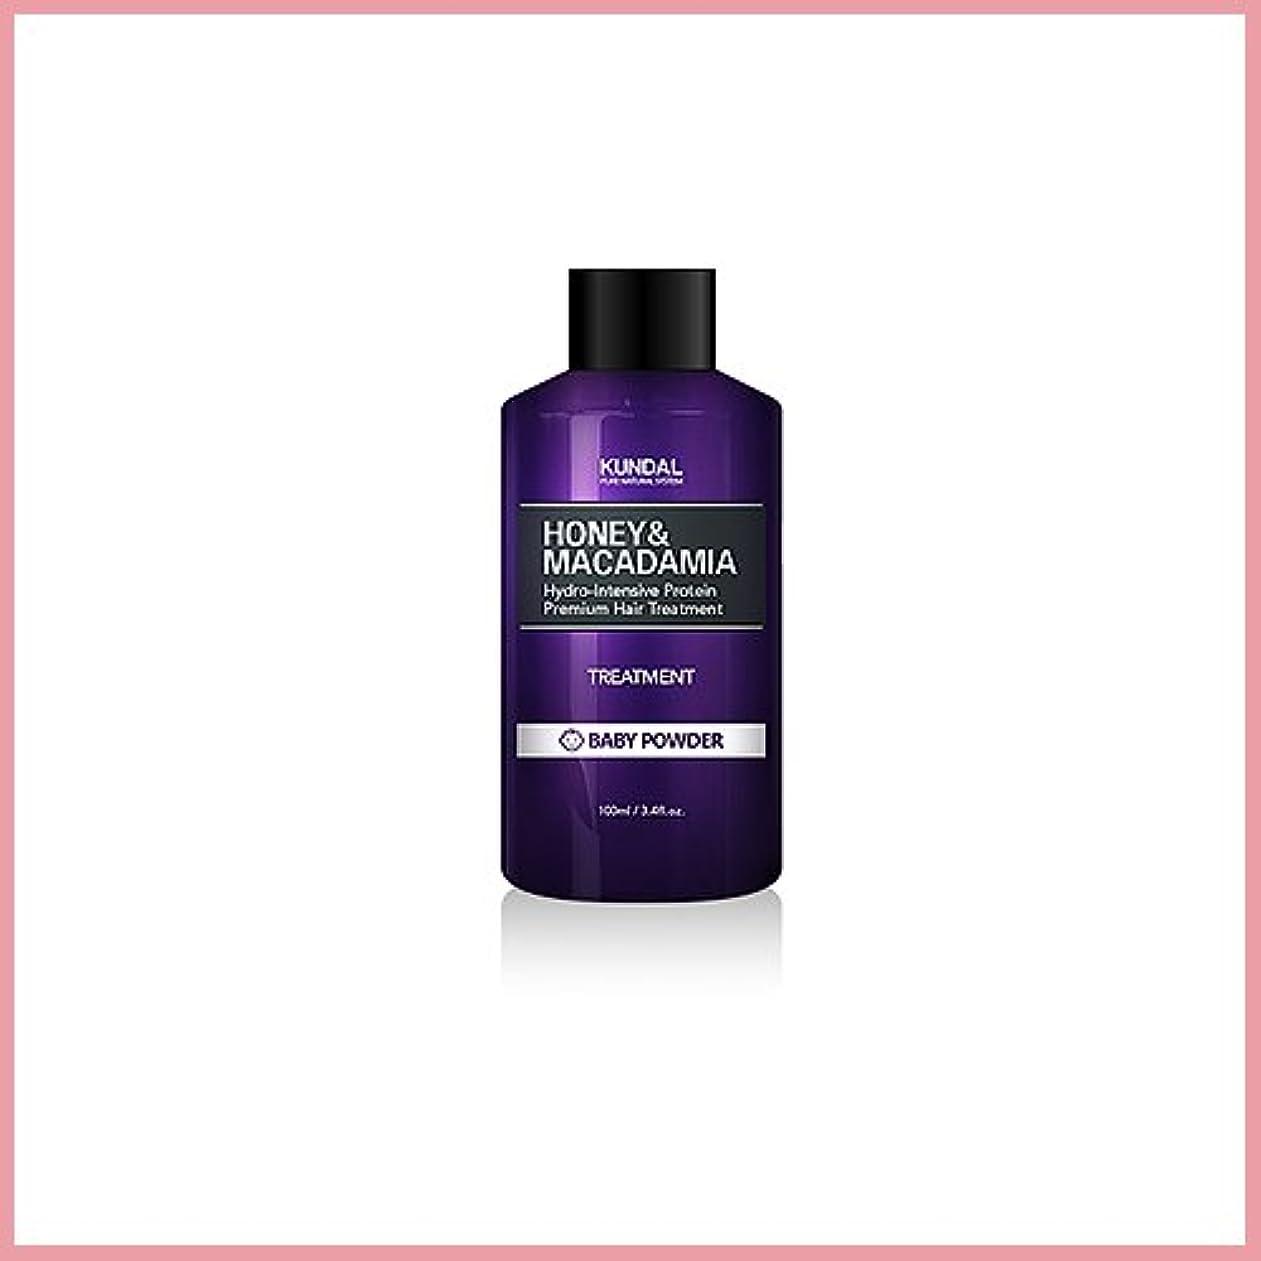 曖昧な語精神医学[KUNDAL/クンダル] Kundal Premium Hair Treatment 100ml [2017年韓国満足度1位][TTBEAUTY][韓国コスメ]